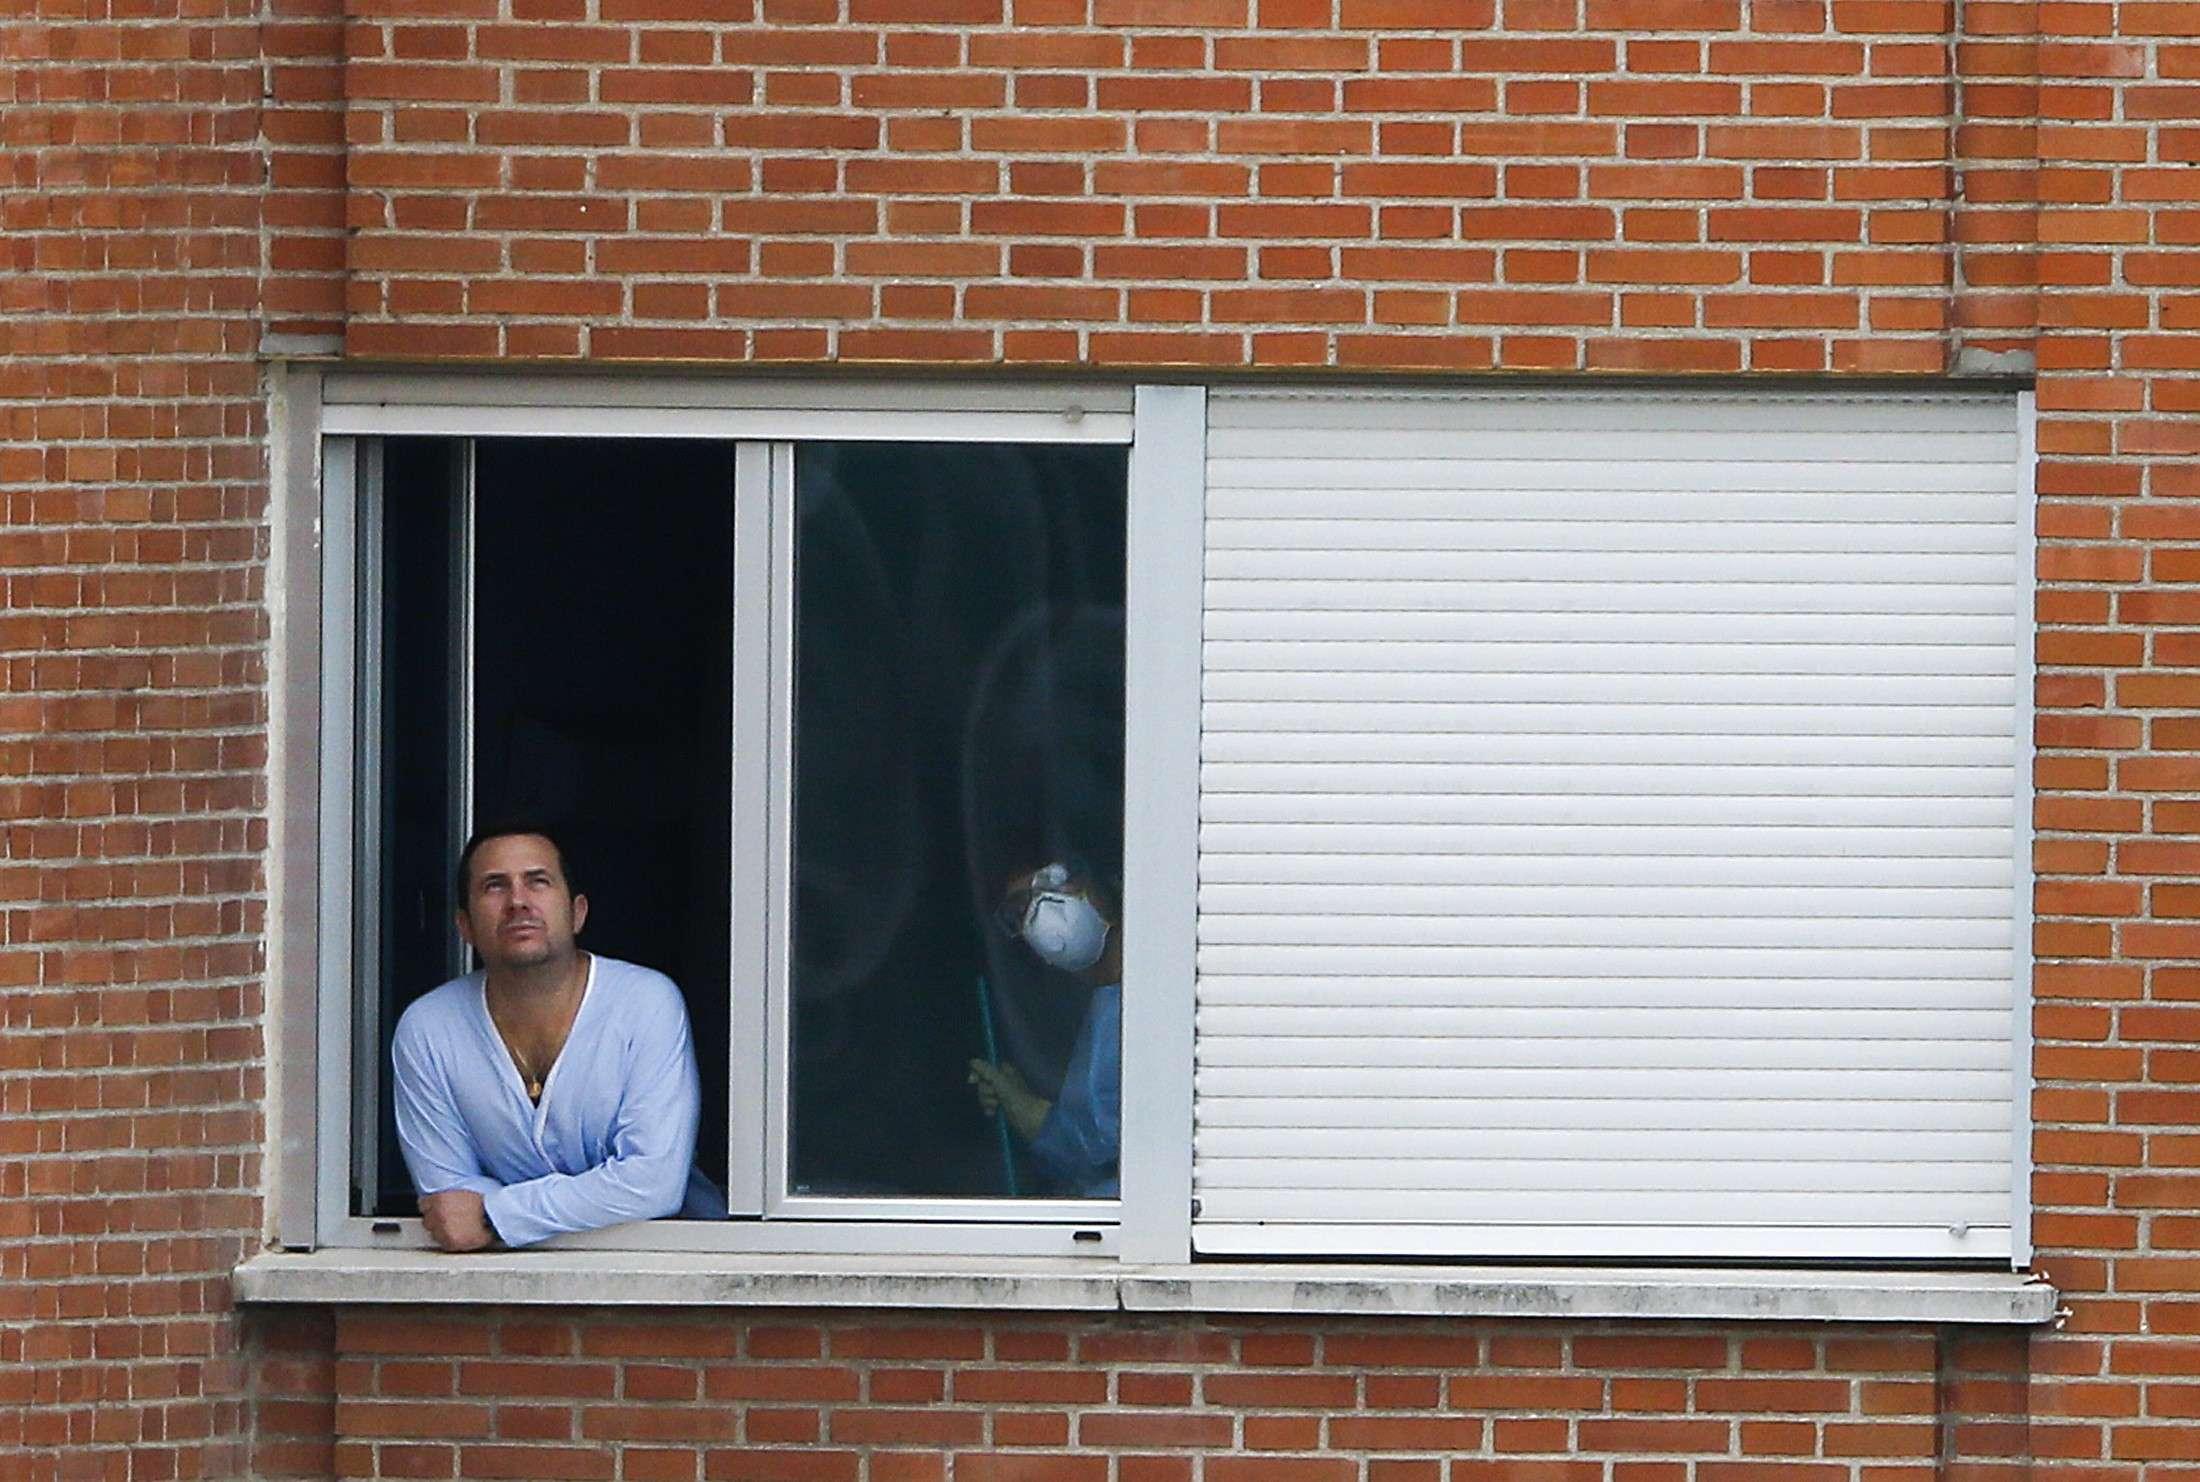 Marido da enfermeira espanhola com ebola aparece em janela do Hospital Carlos III, em Madri Foto: Paul Hanna/Reuters